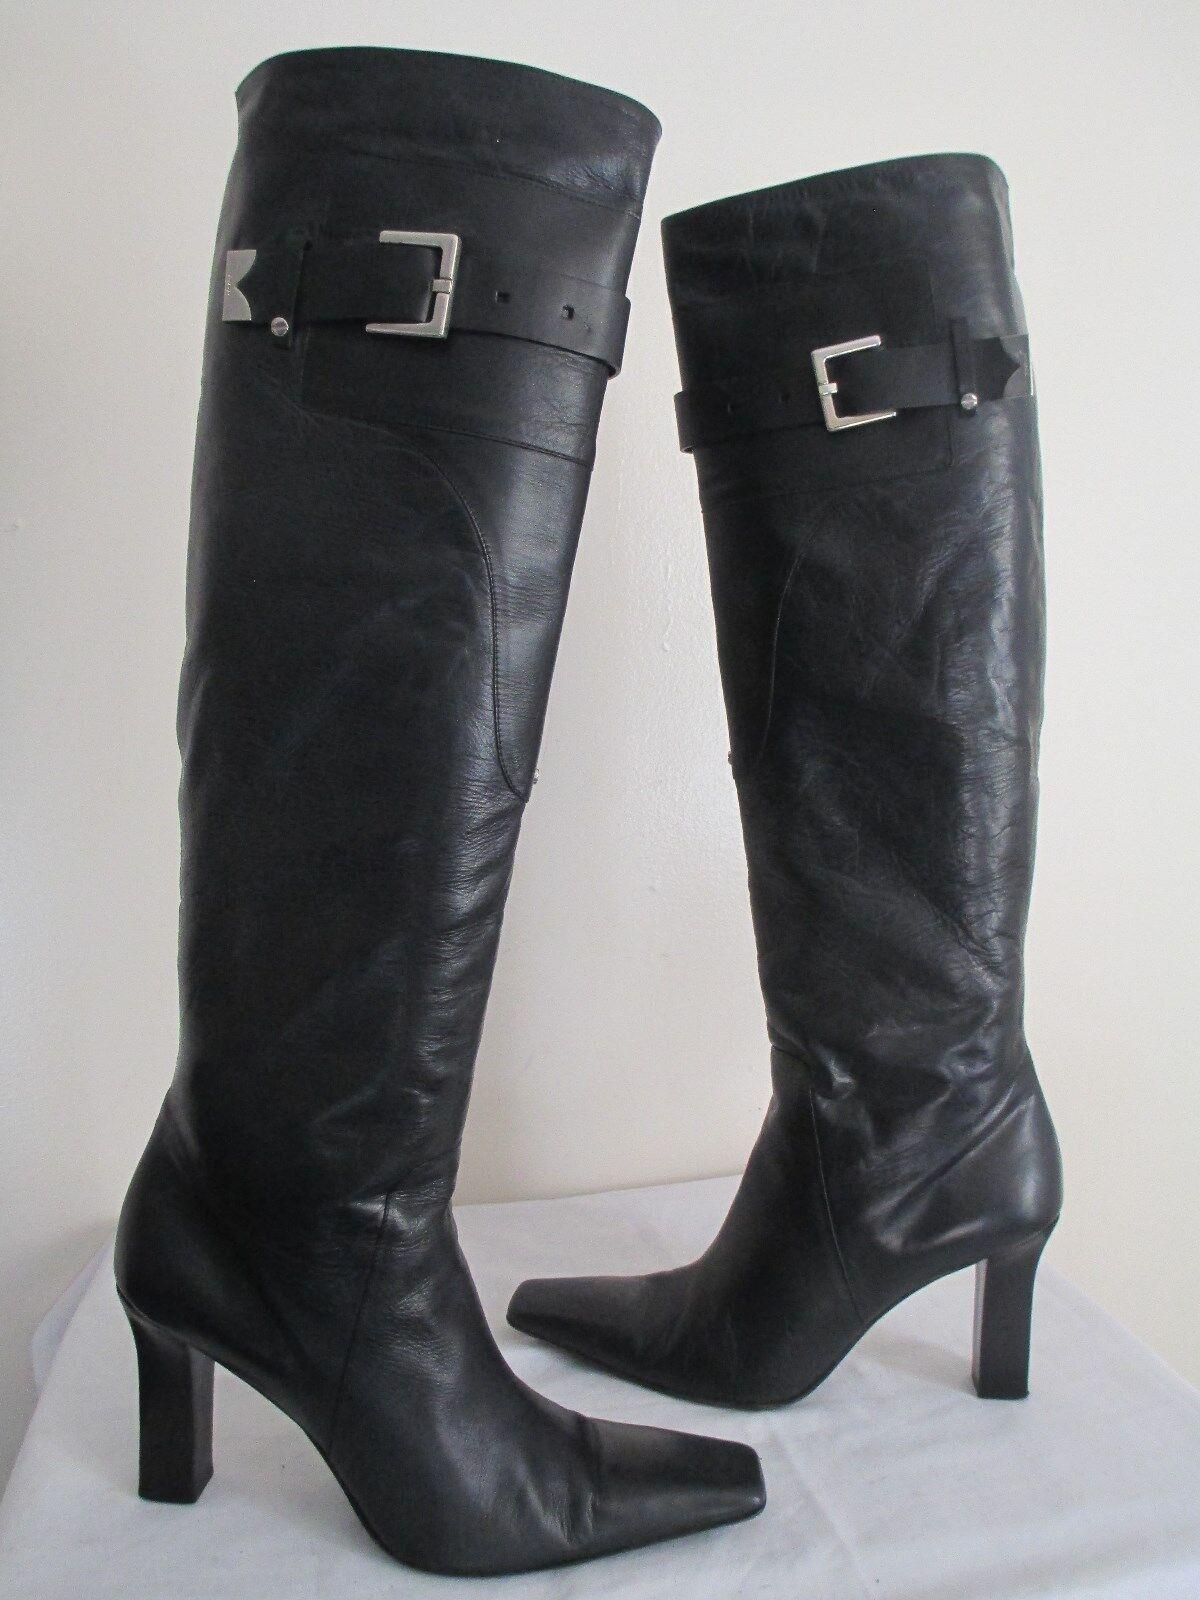 online al miglior prezzo GIVENCHY donna'S nero nero nero LEATHER KNEE HIGH stivali SZ EU 40 ½ US 9.5 MADE IN ITALY  consegna rapida